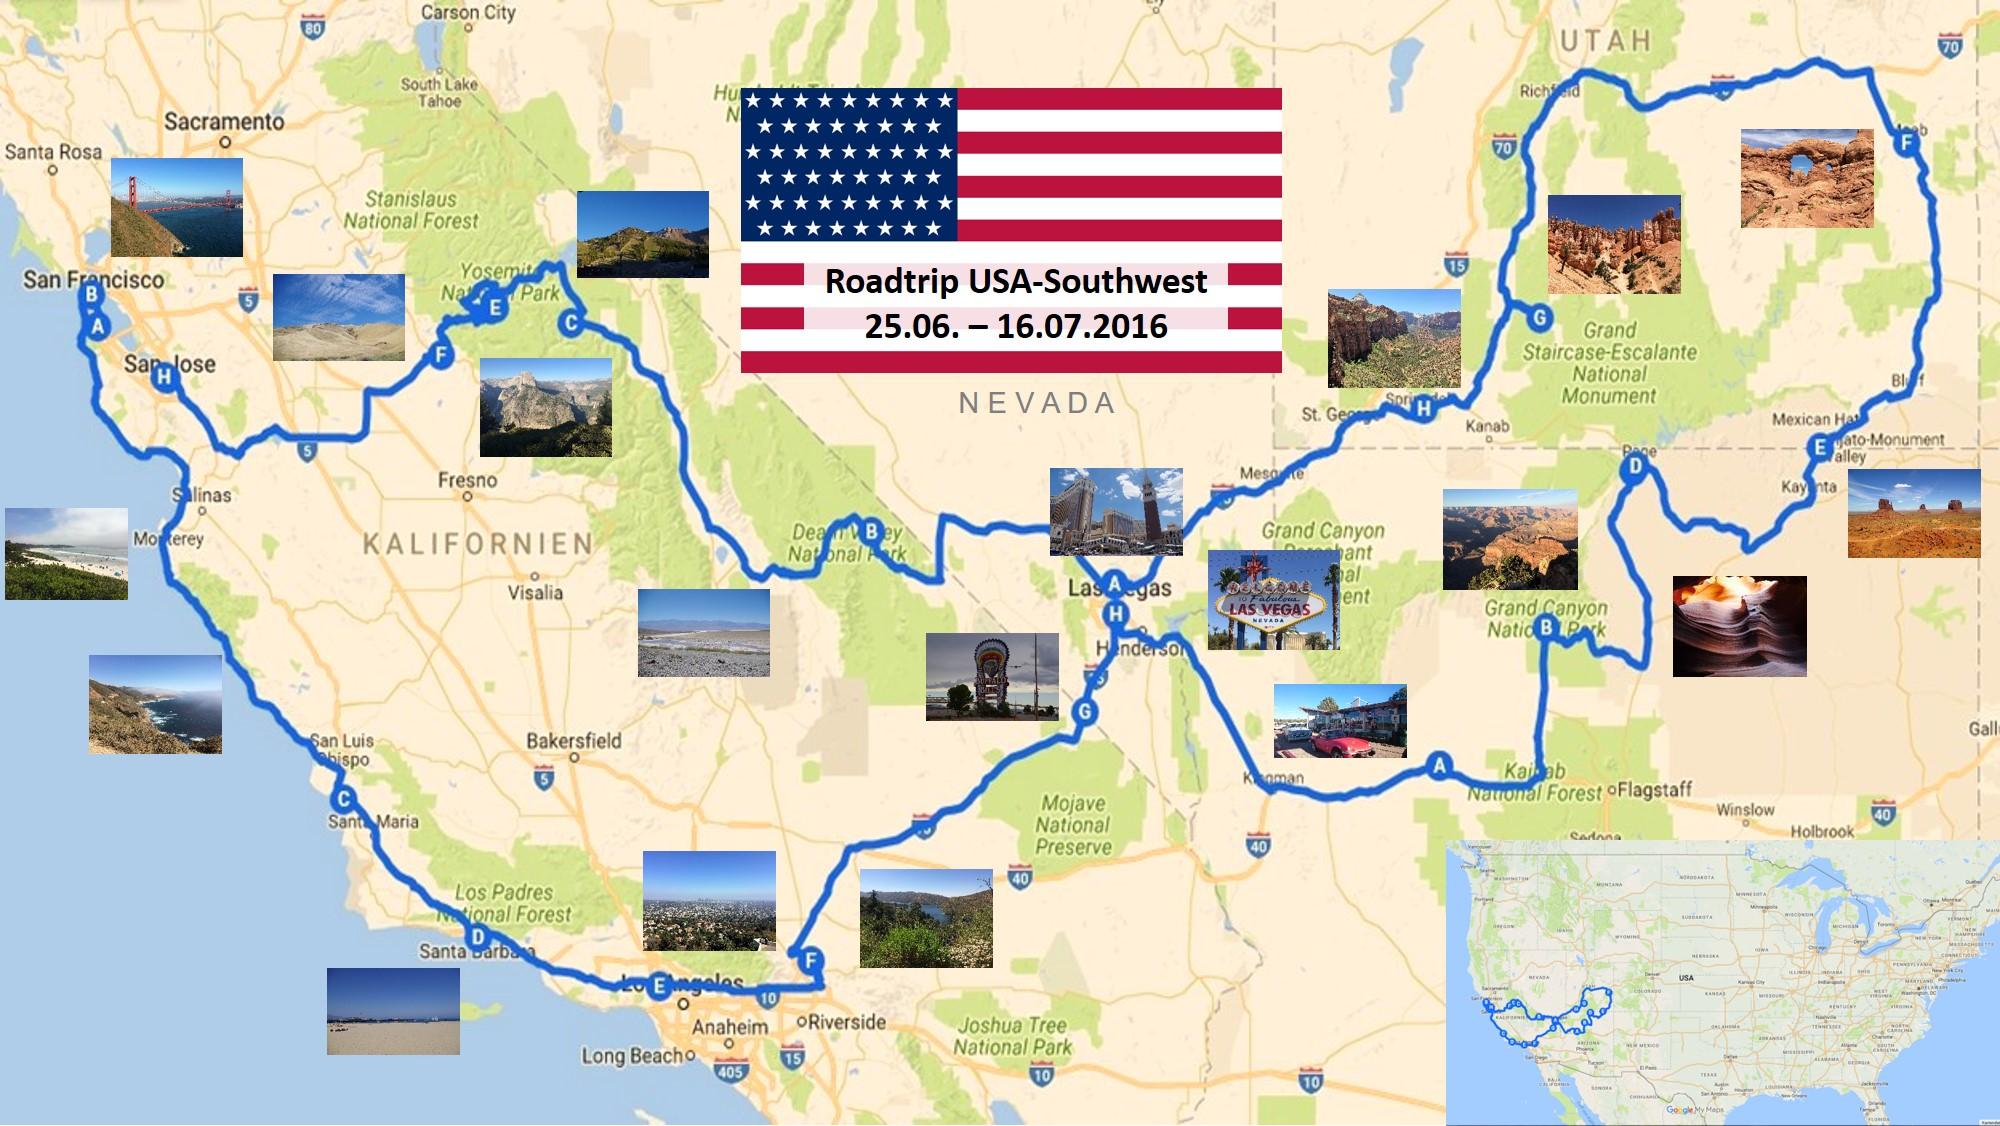 Die 9 Schonsten Nationalparks Und Naturgebiete Im Sudwesten Der